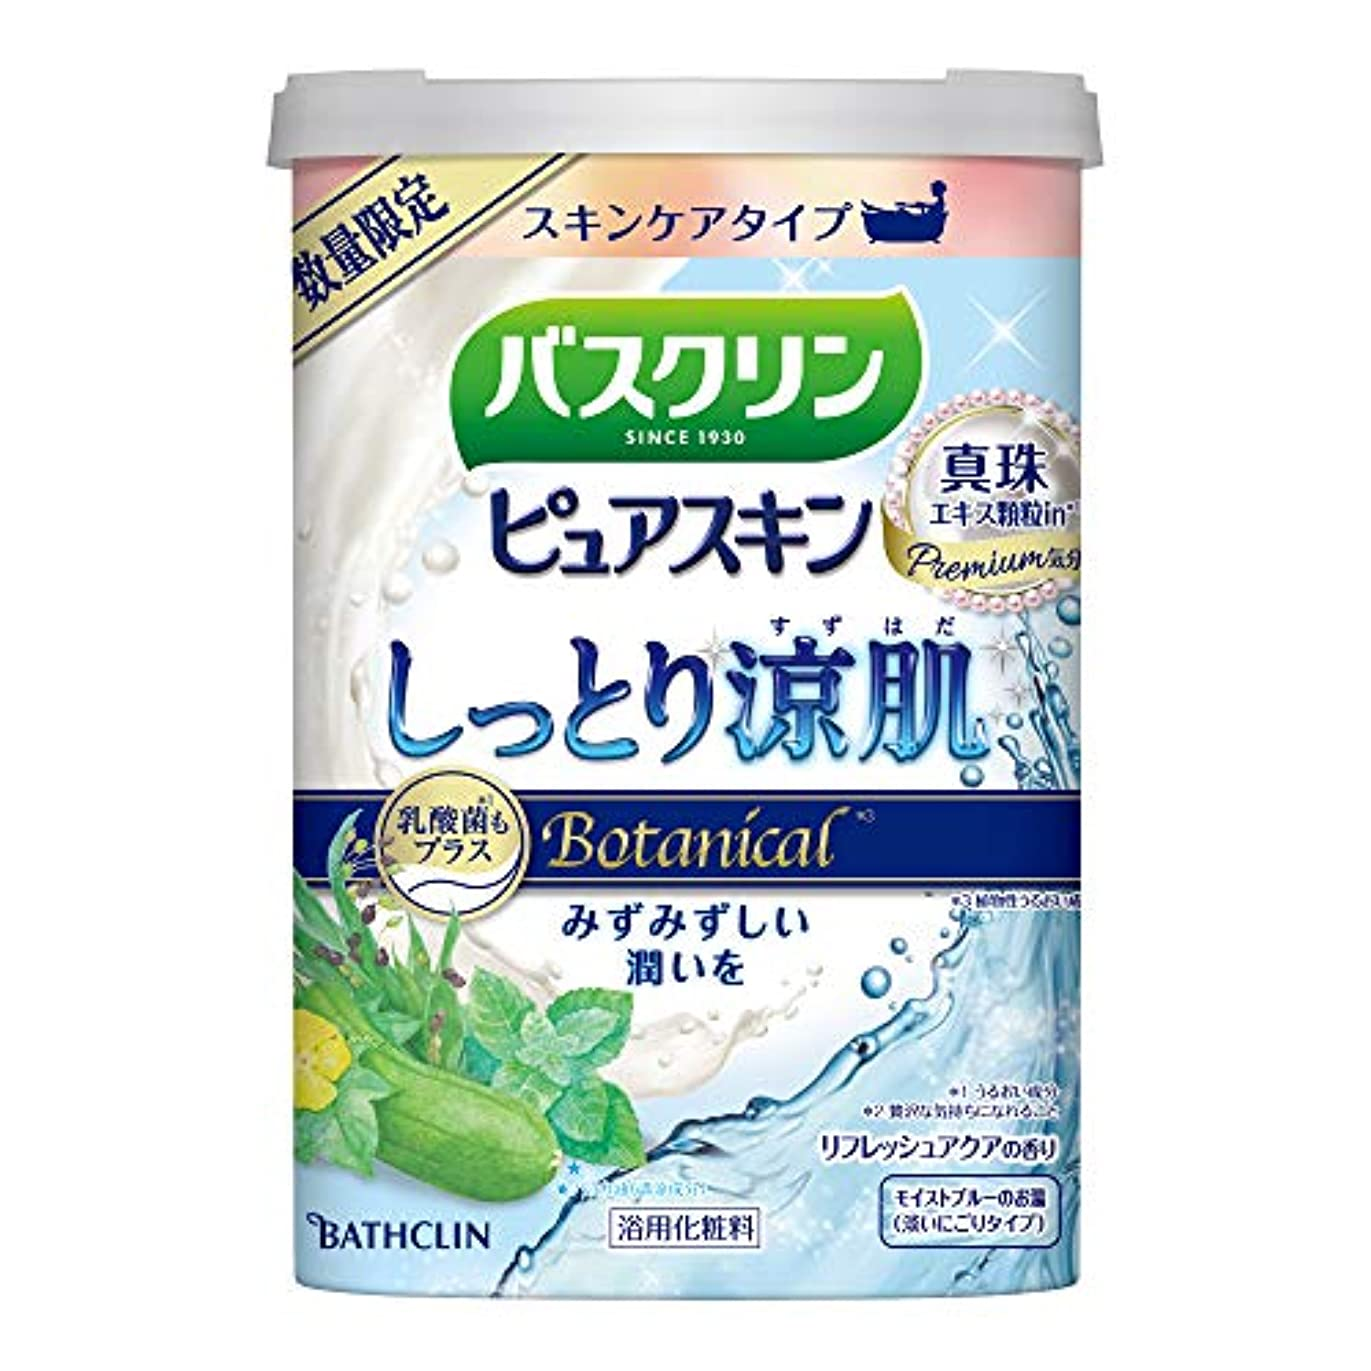 虚偽かみそりグラス【数量限定品】バスクリンピュアスキン入浴剤 しっとり涼肌600g(約30回分) スキンケアにごりタイプ 保湿